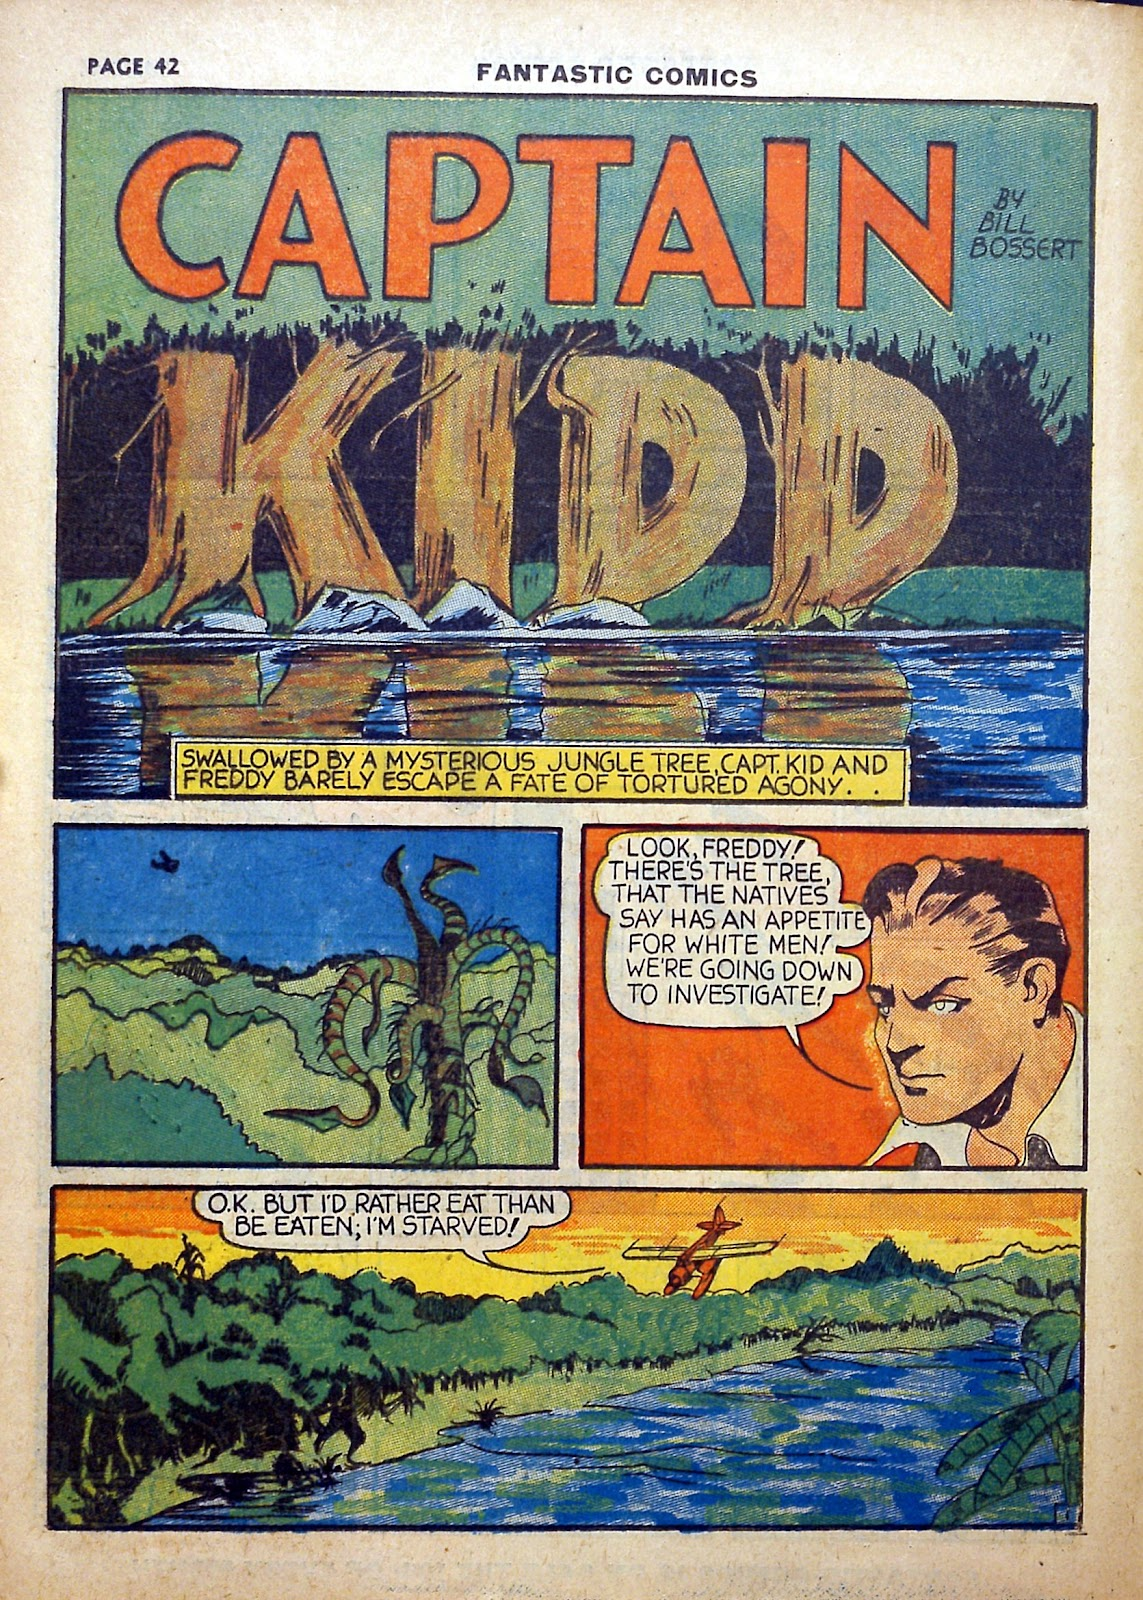 Read online Fantastic Comics comic -  Issue #5 - 43